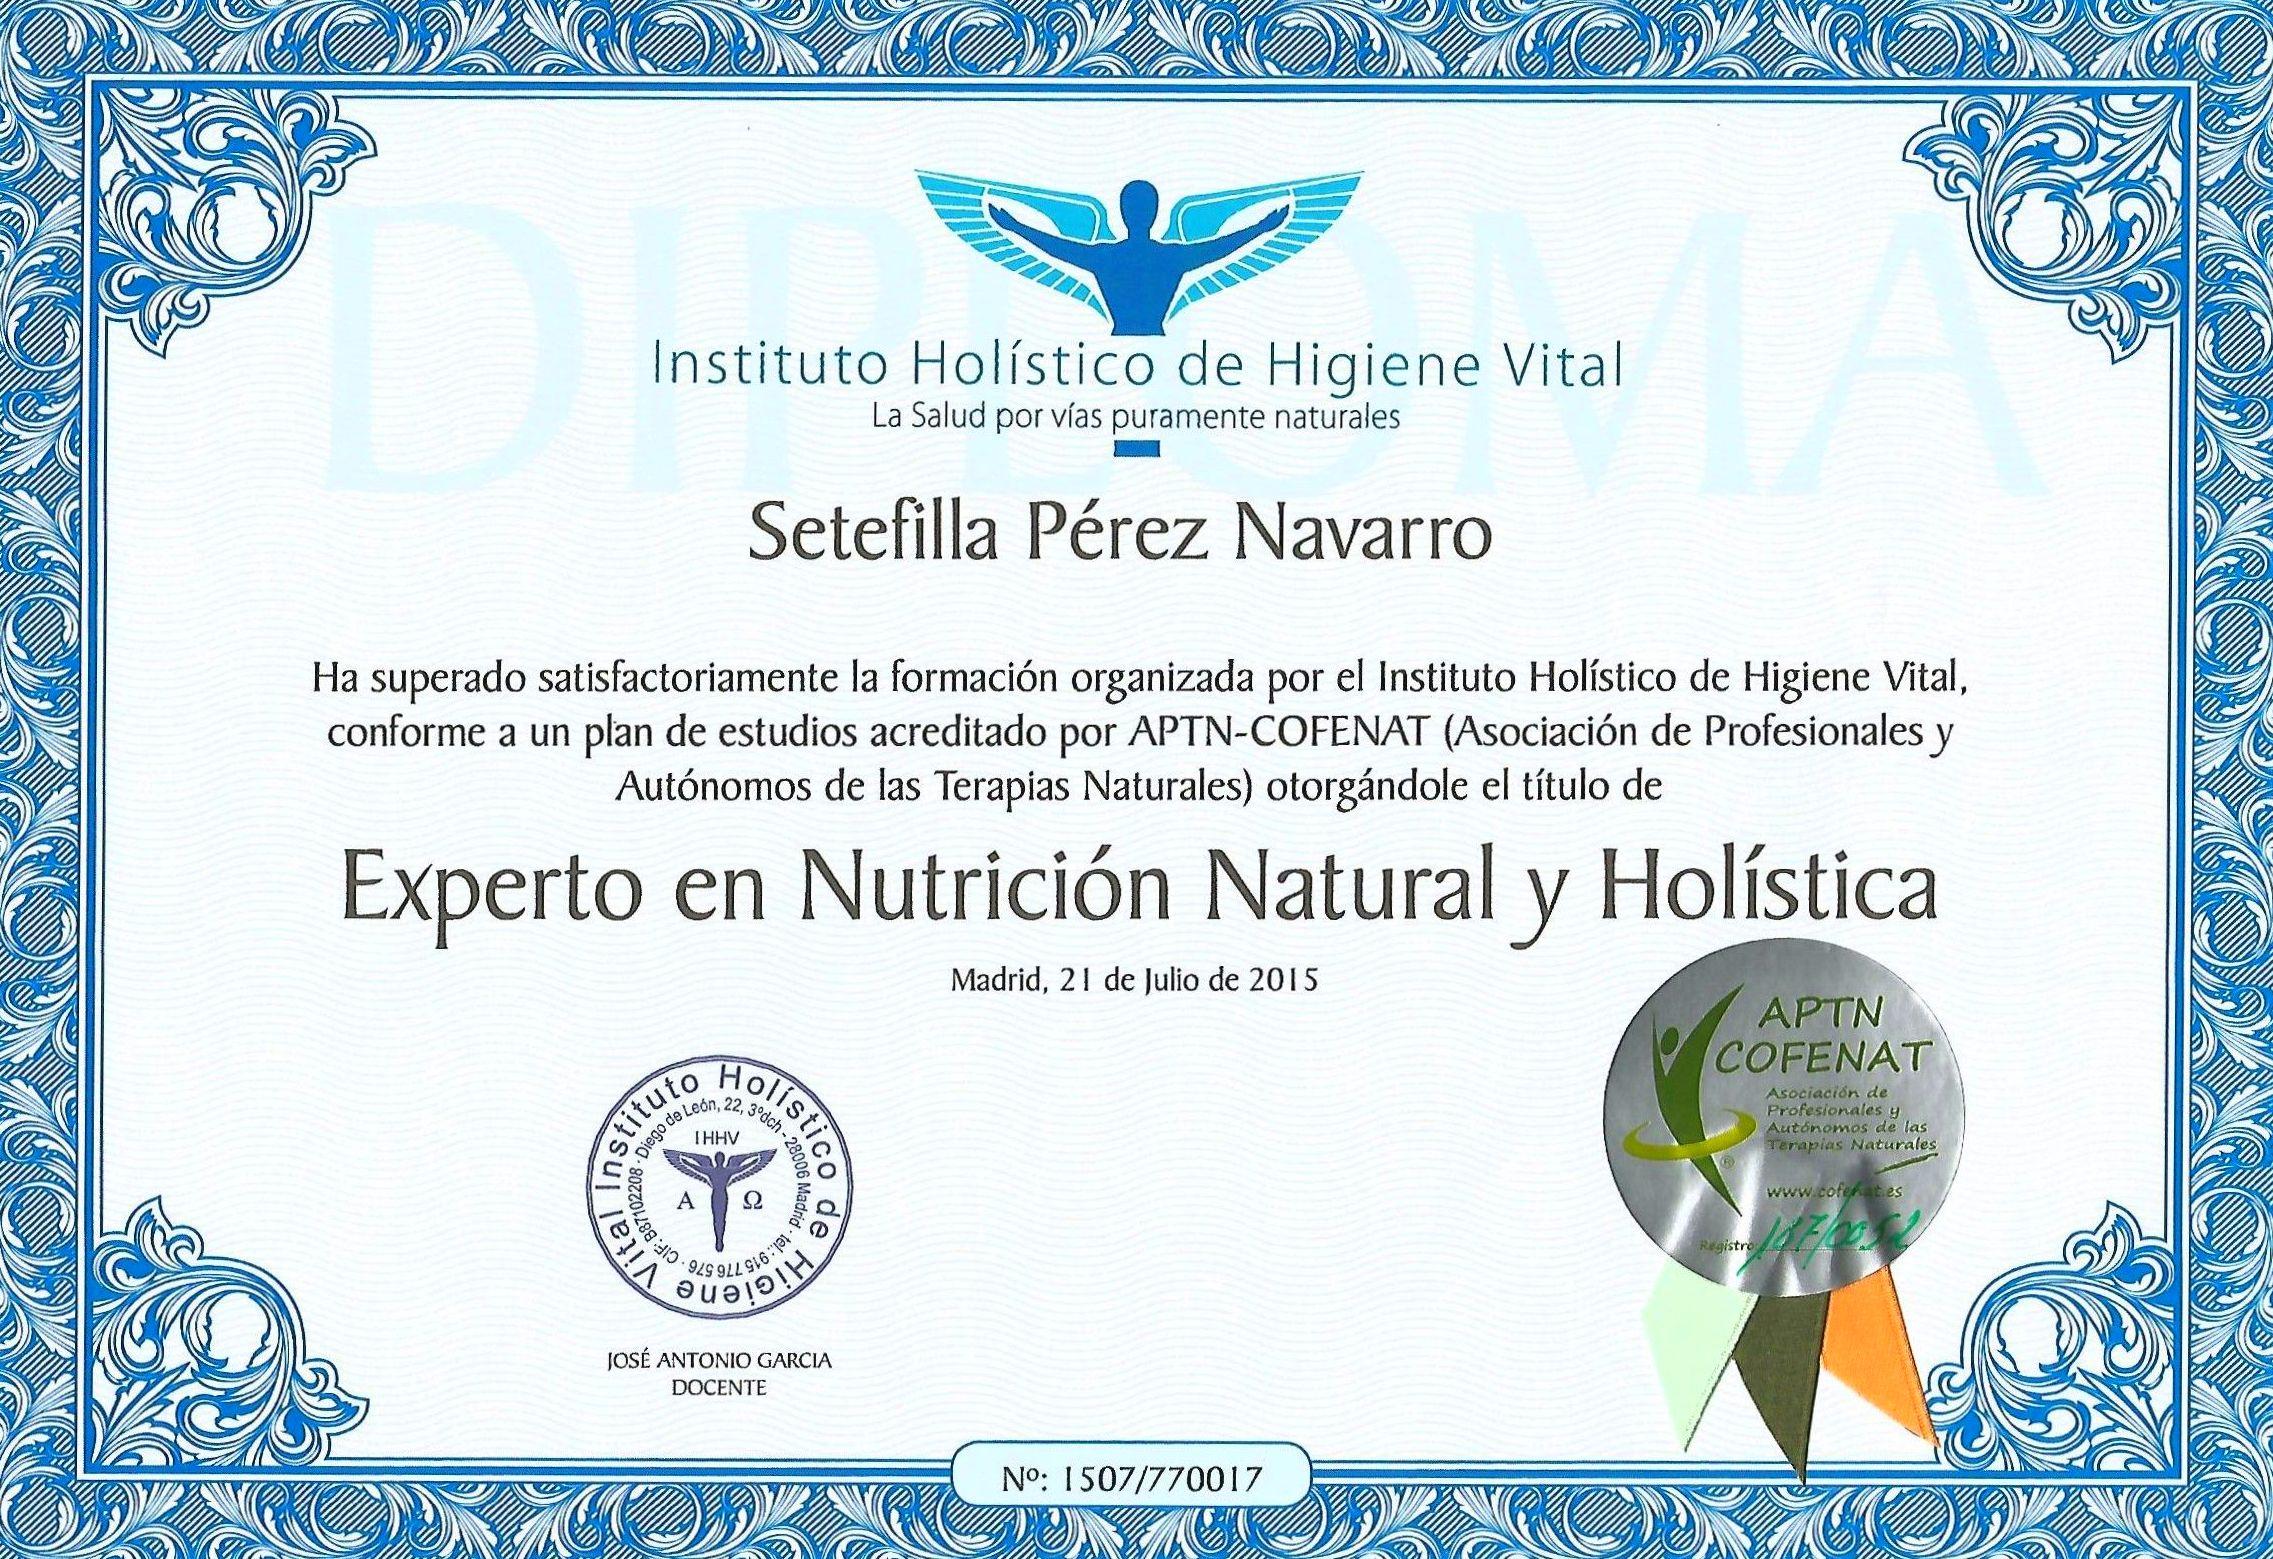 Experta en Nutrición Natural y Holística